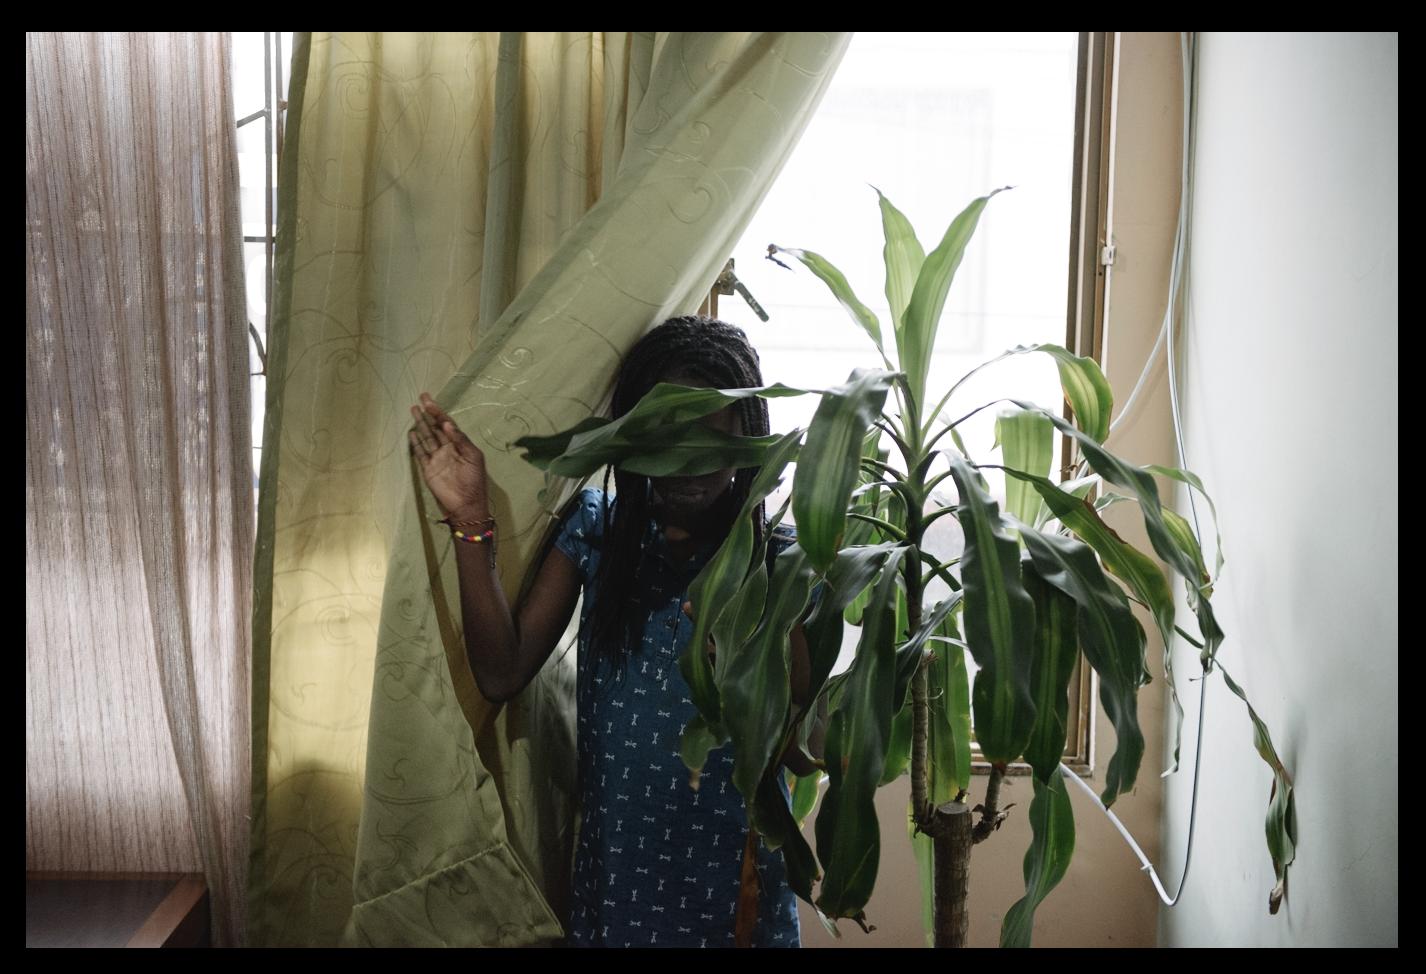 """Casi siempre los líderes llegan desplazados a Bogotá con sus familias. Ella es la hija de Obdulio*. """"Yo entiendo la importancia de lo que mi papá está haciendo y el peligro que está dispuesto a correr. Pero no estoy de acuerdo porque algo grave le puede pasar. Yo se lo digo a usted desde la perspectiva de una hija"""", dice."""